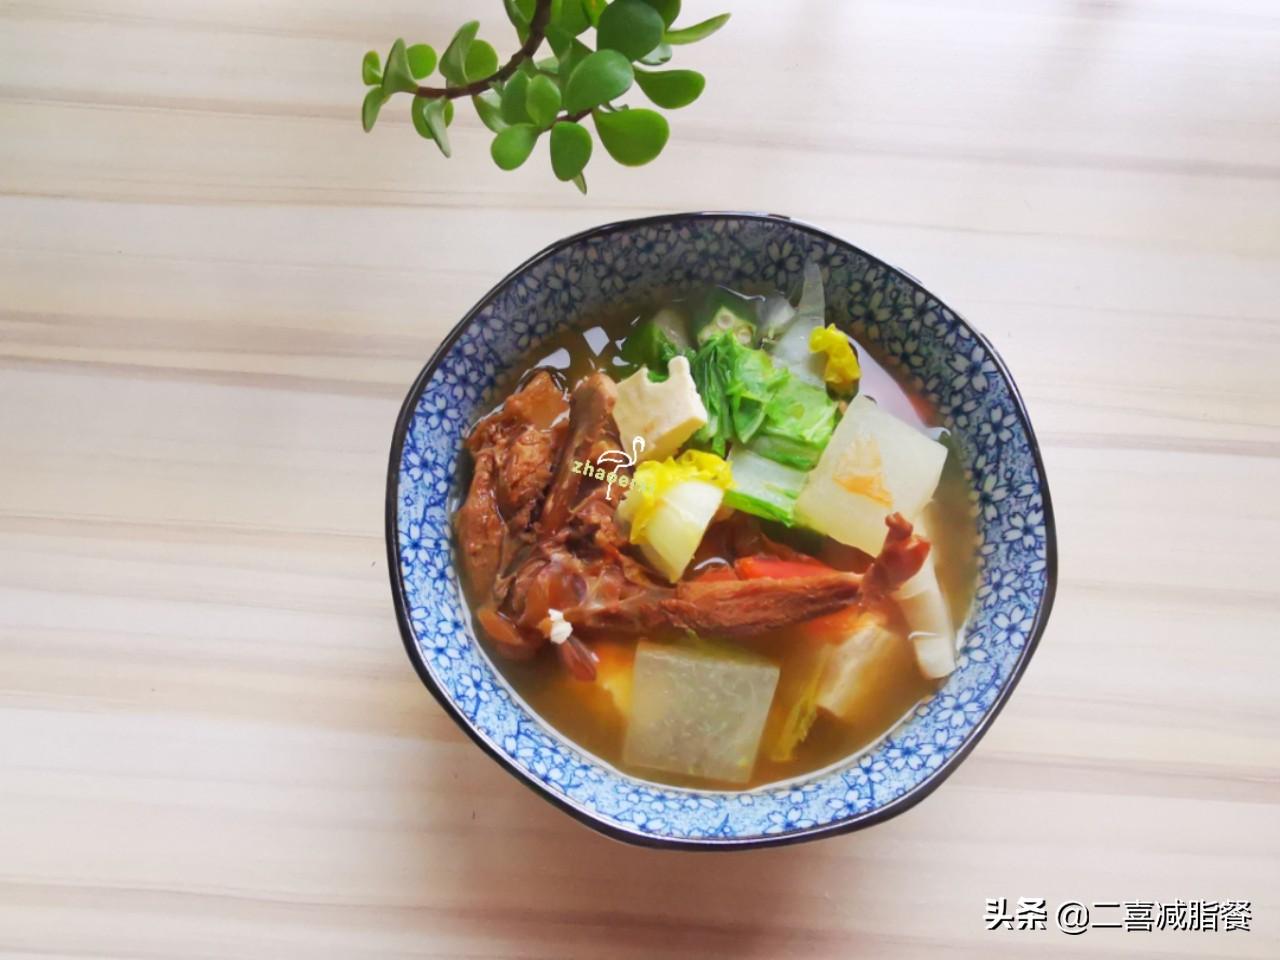 减肥容易便秘,这样的蔬菜汤吃一天就好,早餐晚餐都适用 早餐晚餐 第7张